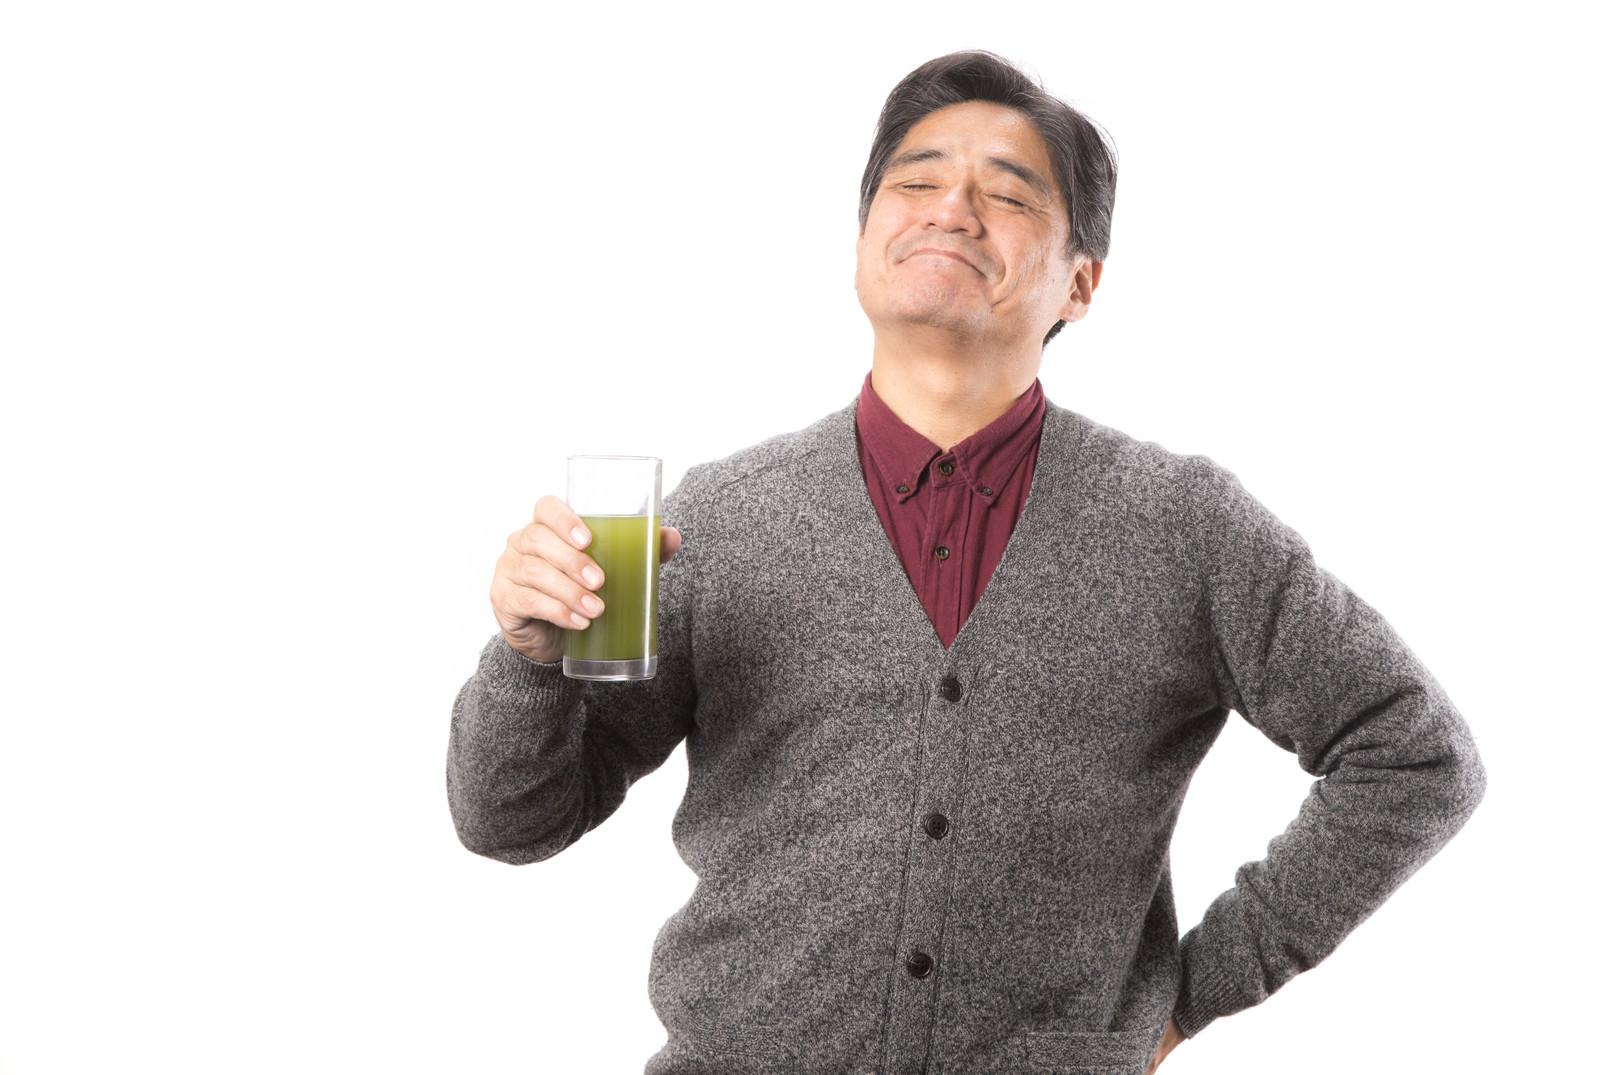 「アッーーー!青汁がうまいアッーーー!青汁がうまい」[モデル:よたか]のフリー写真素材を拡大